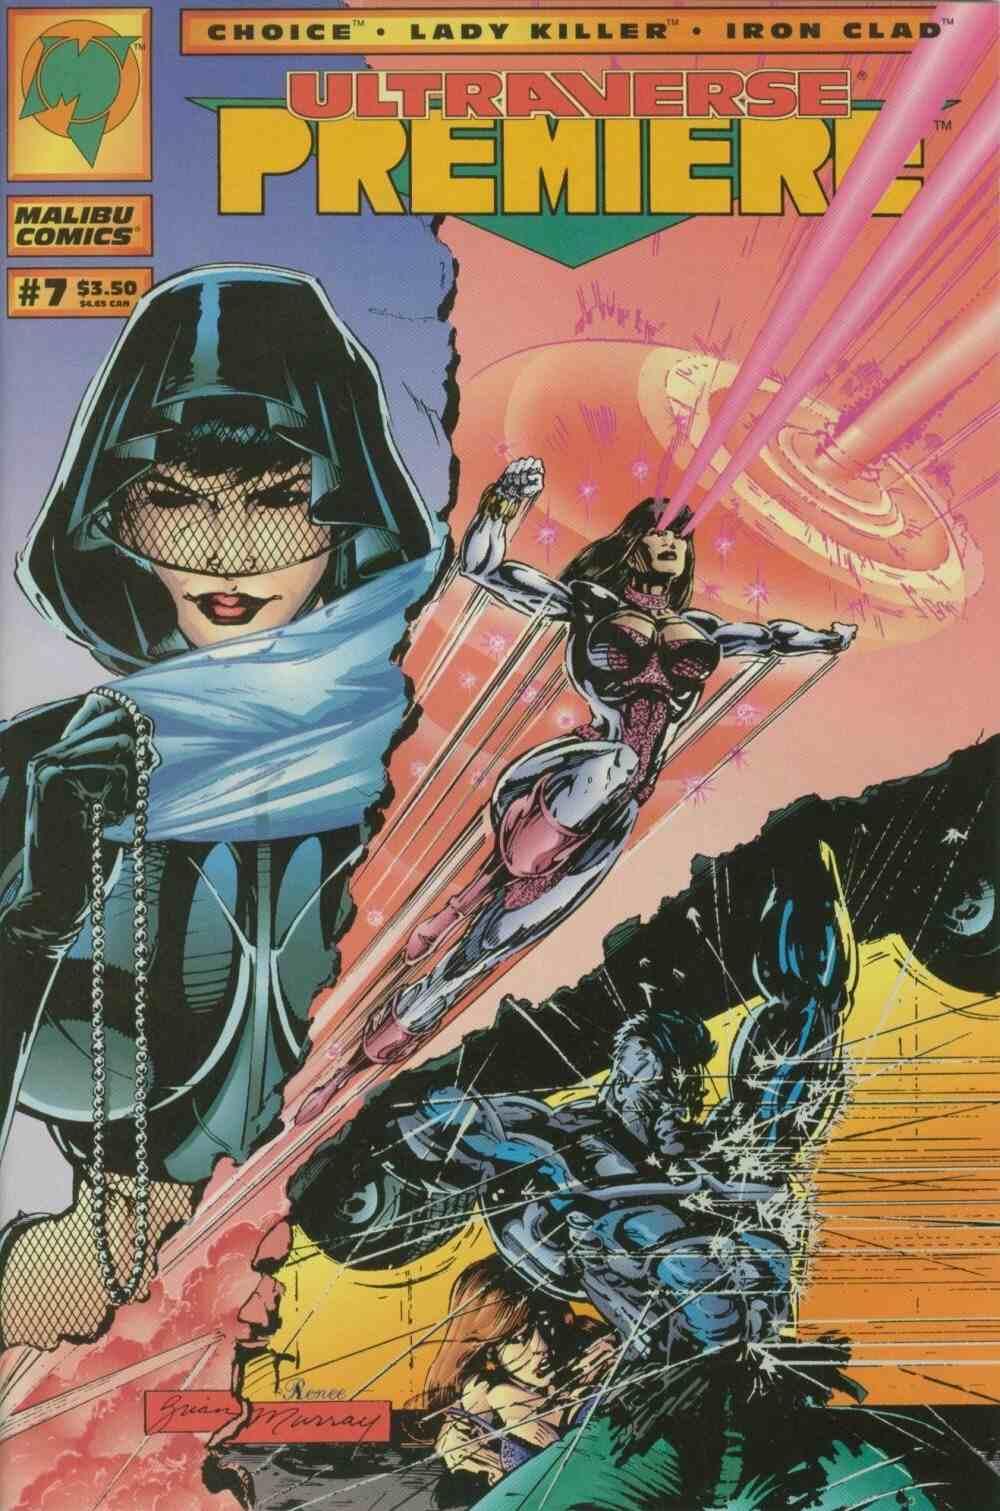 Read online Ultraverse Premiere comic -  Issue #7 - 1